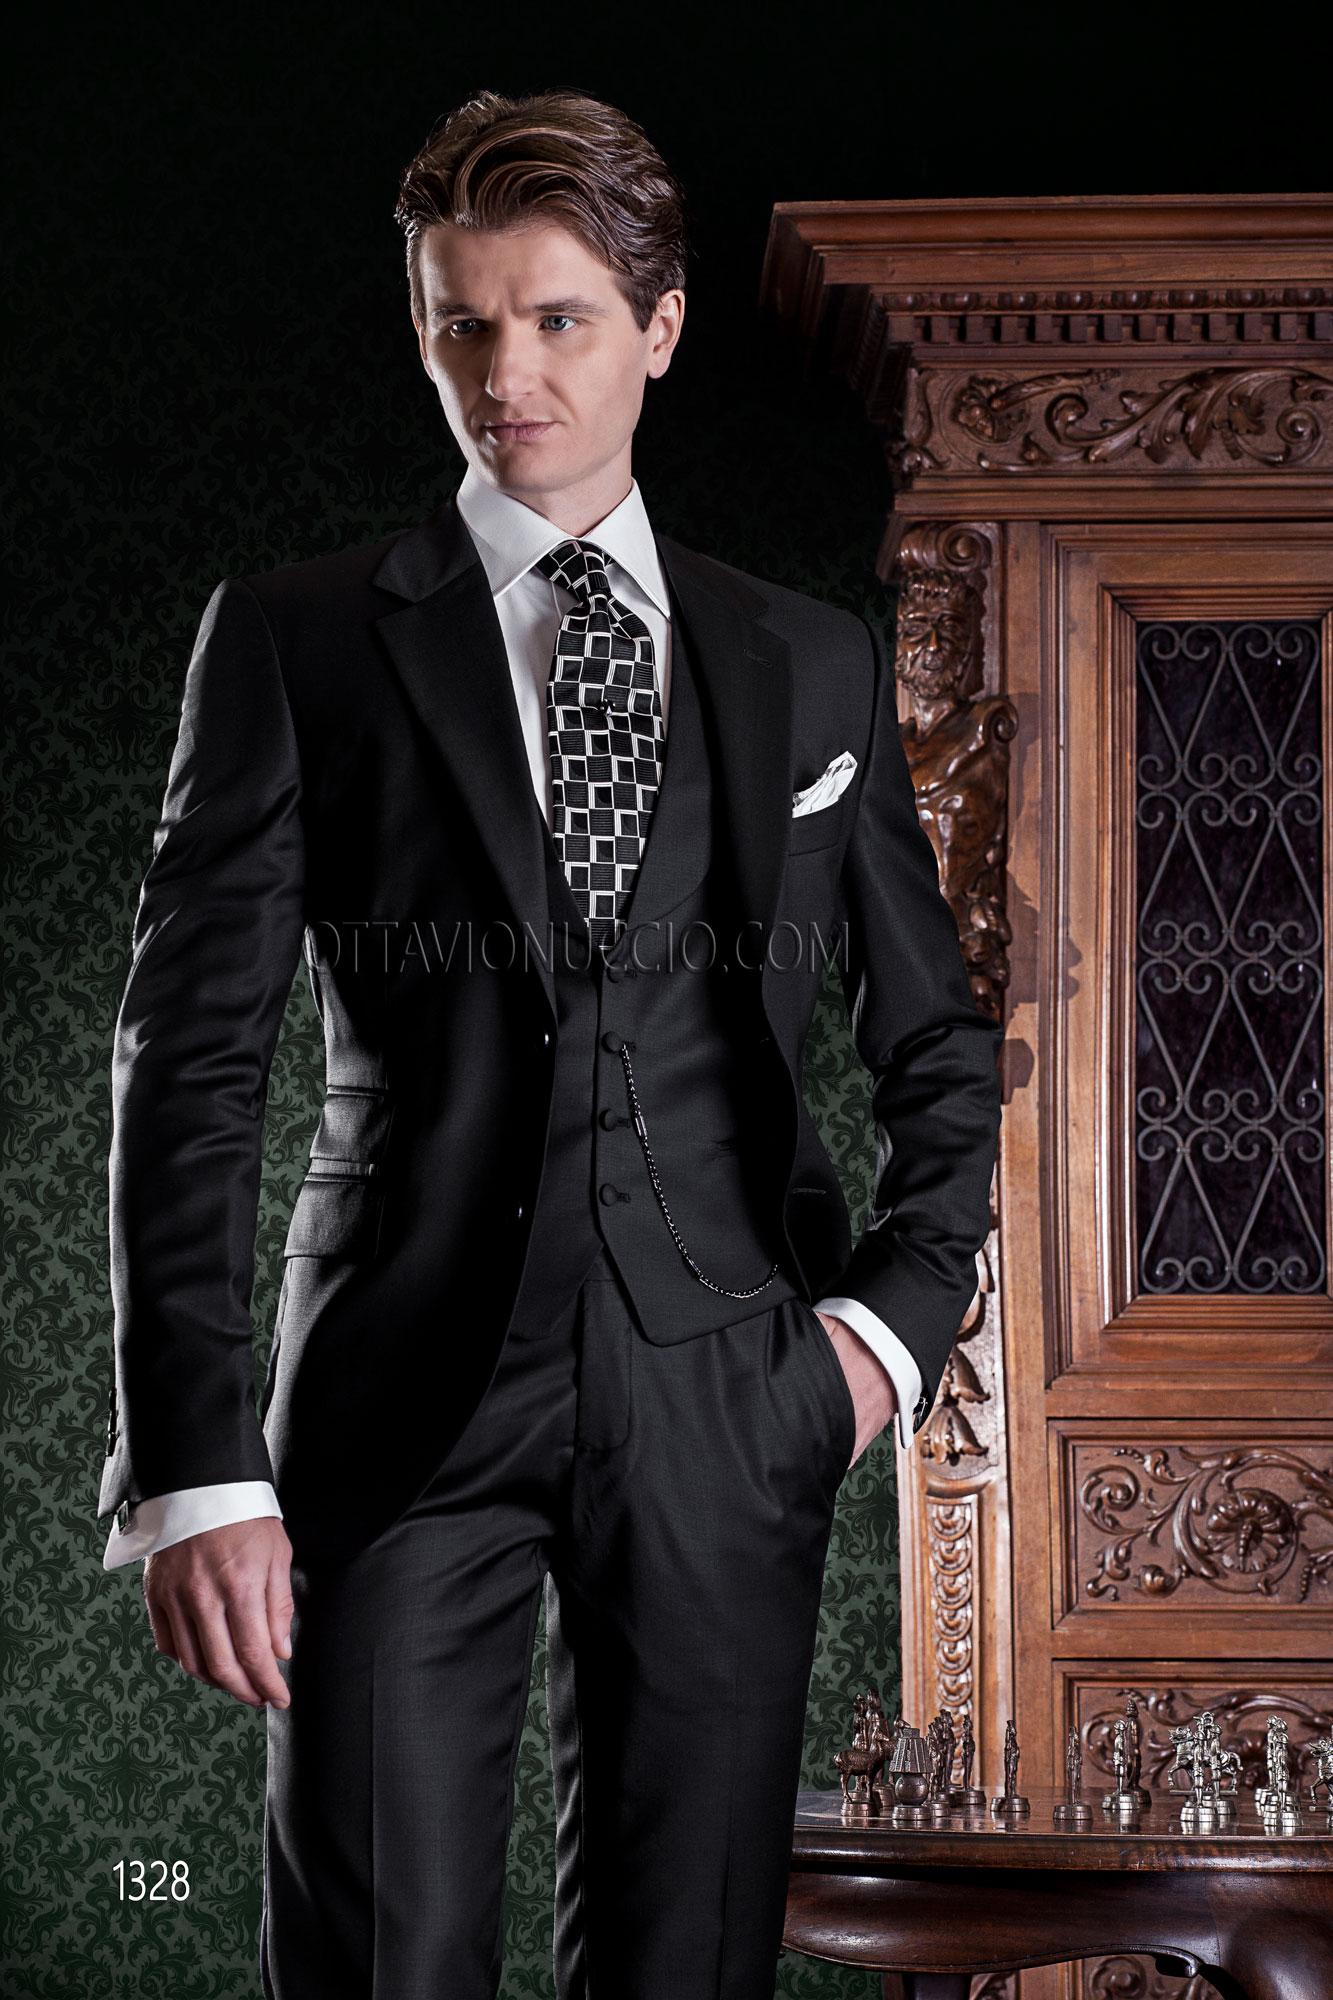 Outfit Matrimonio Uomo Gilet : Abito nero da cerimonia uomo con gilet sciallato